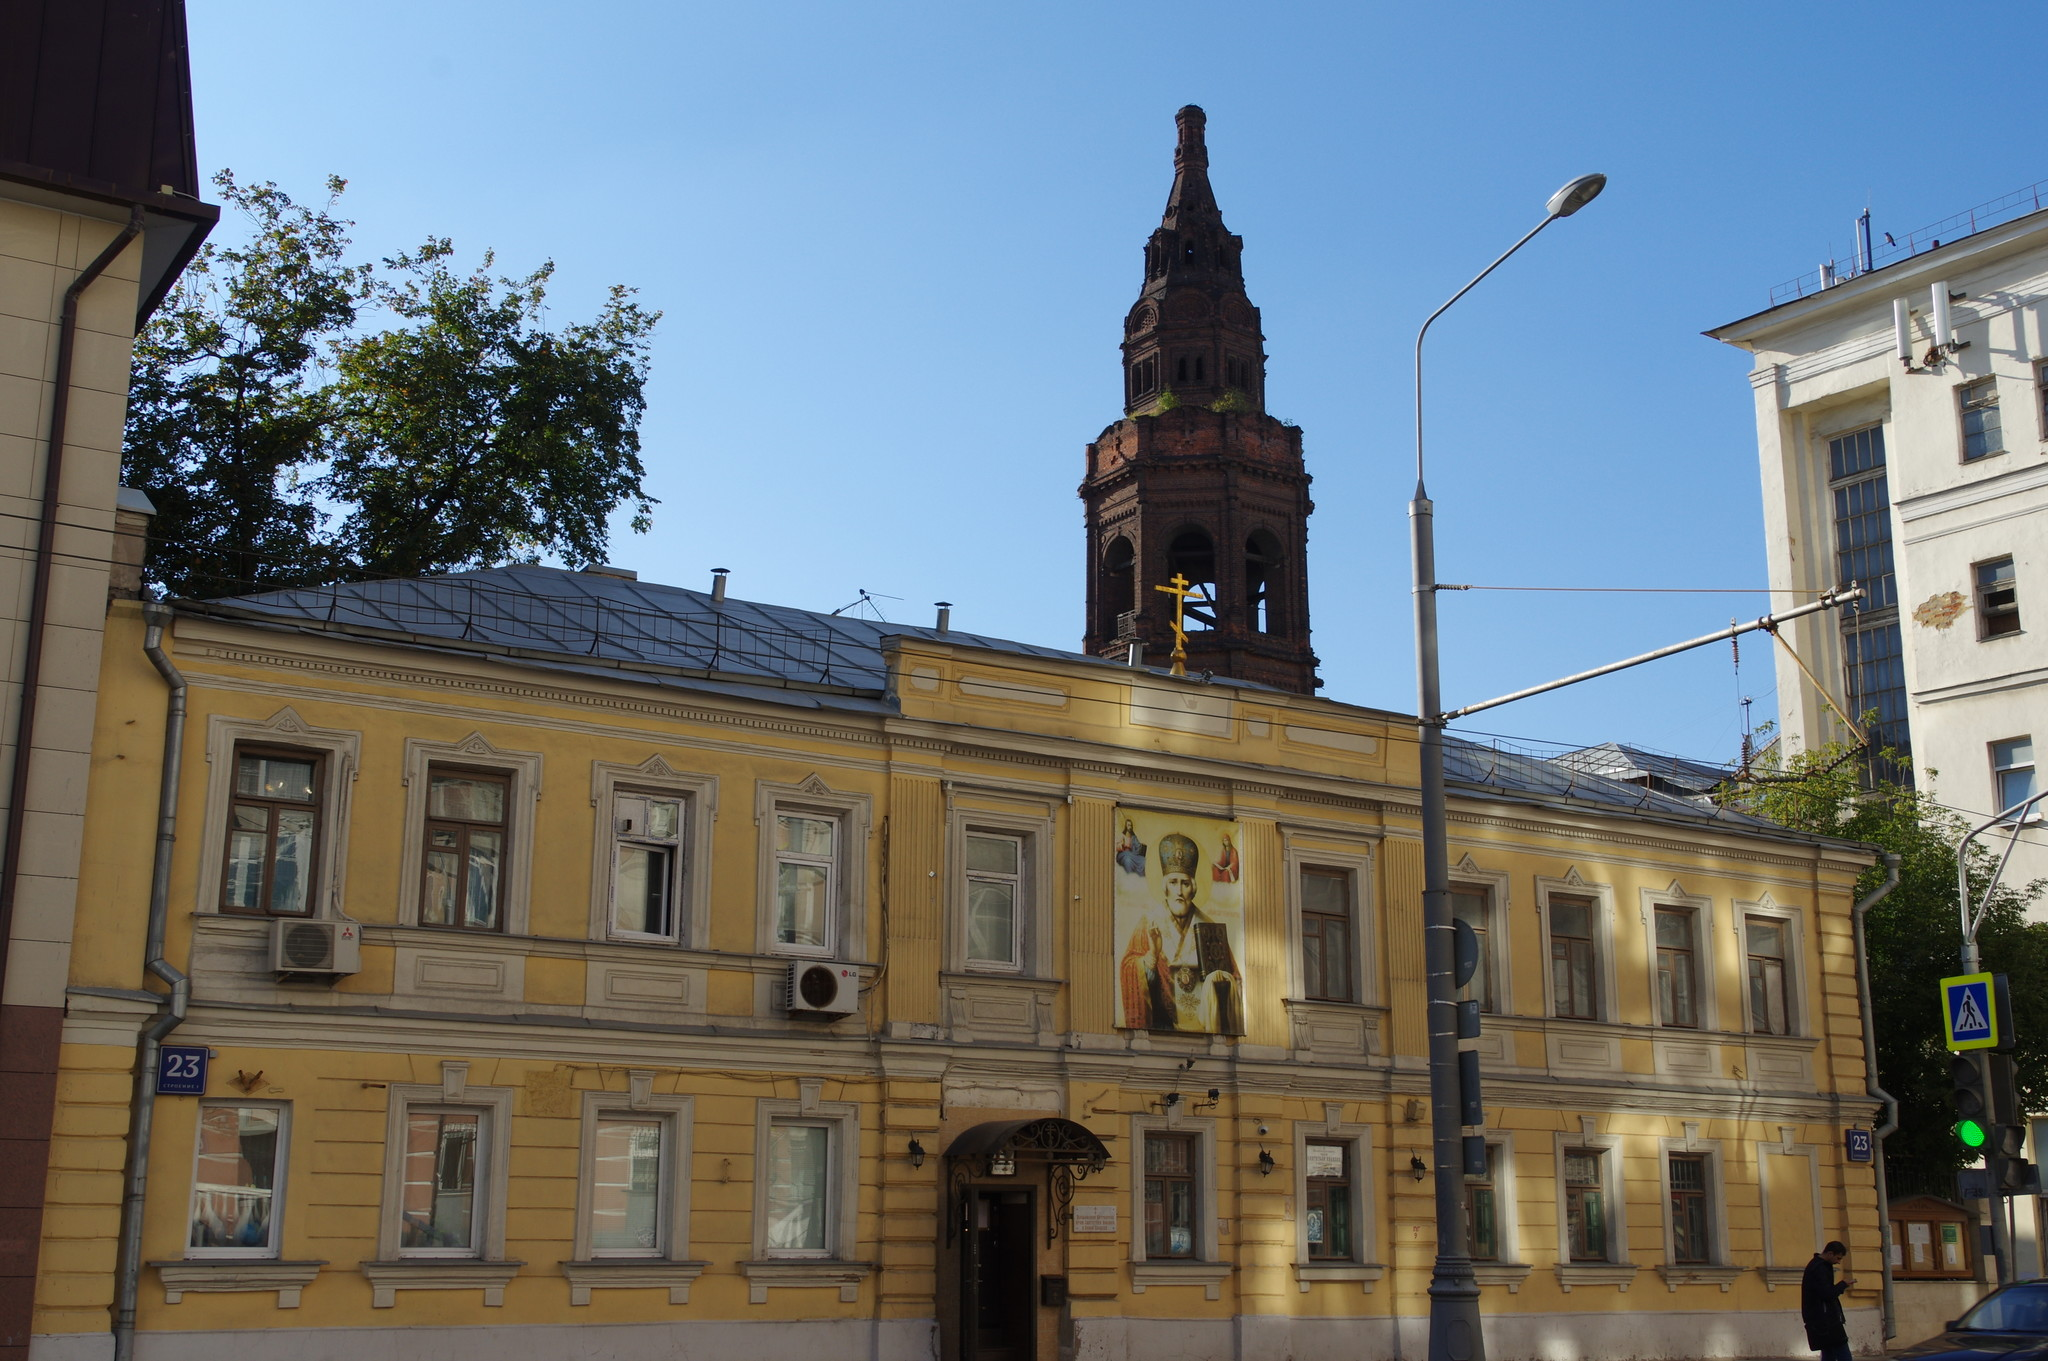 Дом причта Церкви святителя Николая Чудотворца в Новой Слободе (Долгоруковская улица, дом 23)